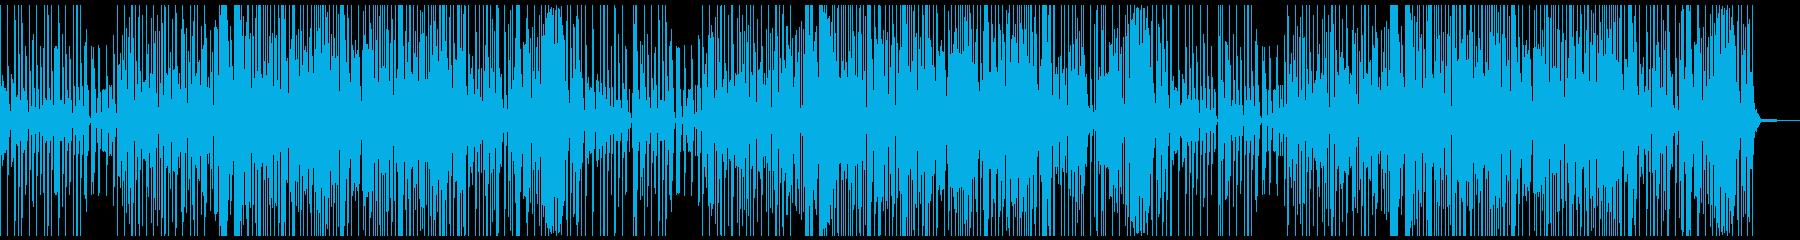 軽快且つアグレッシブなビートの再生済みの波形